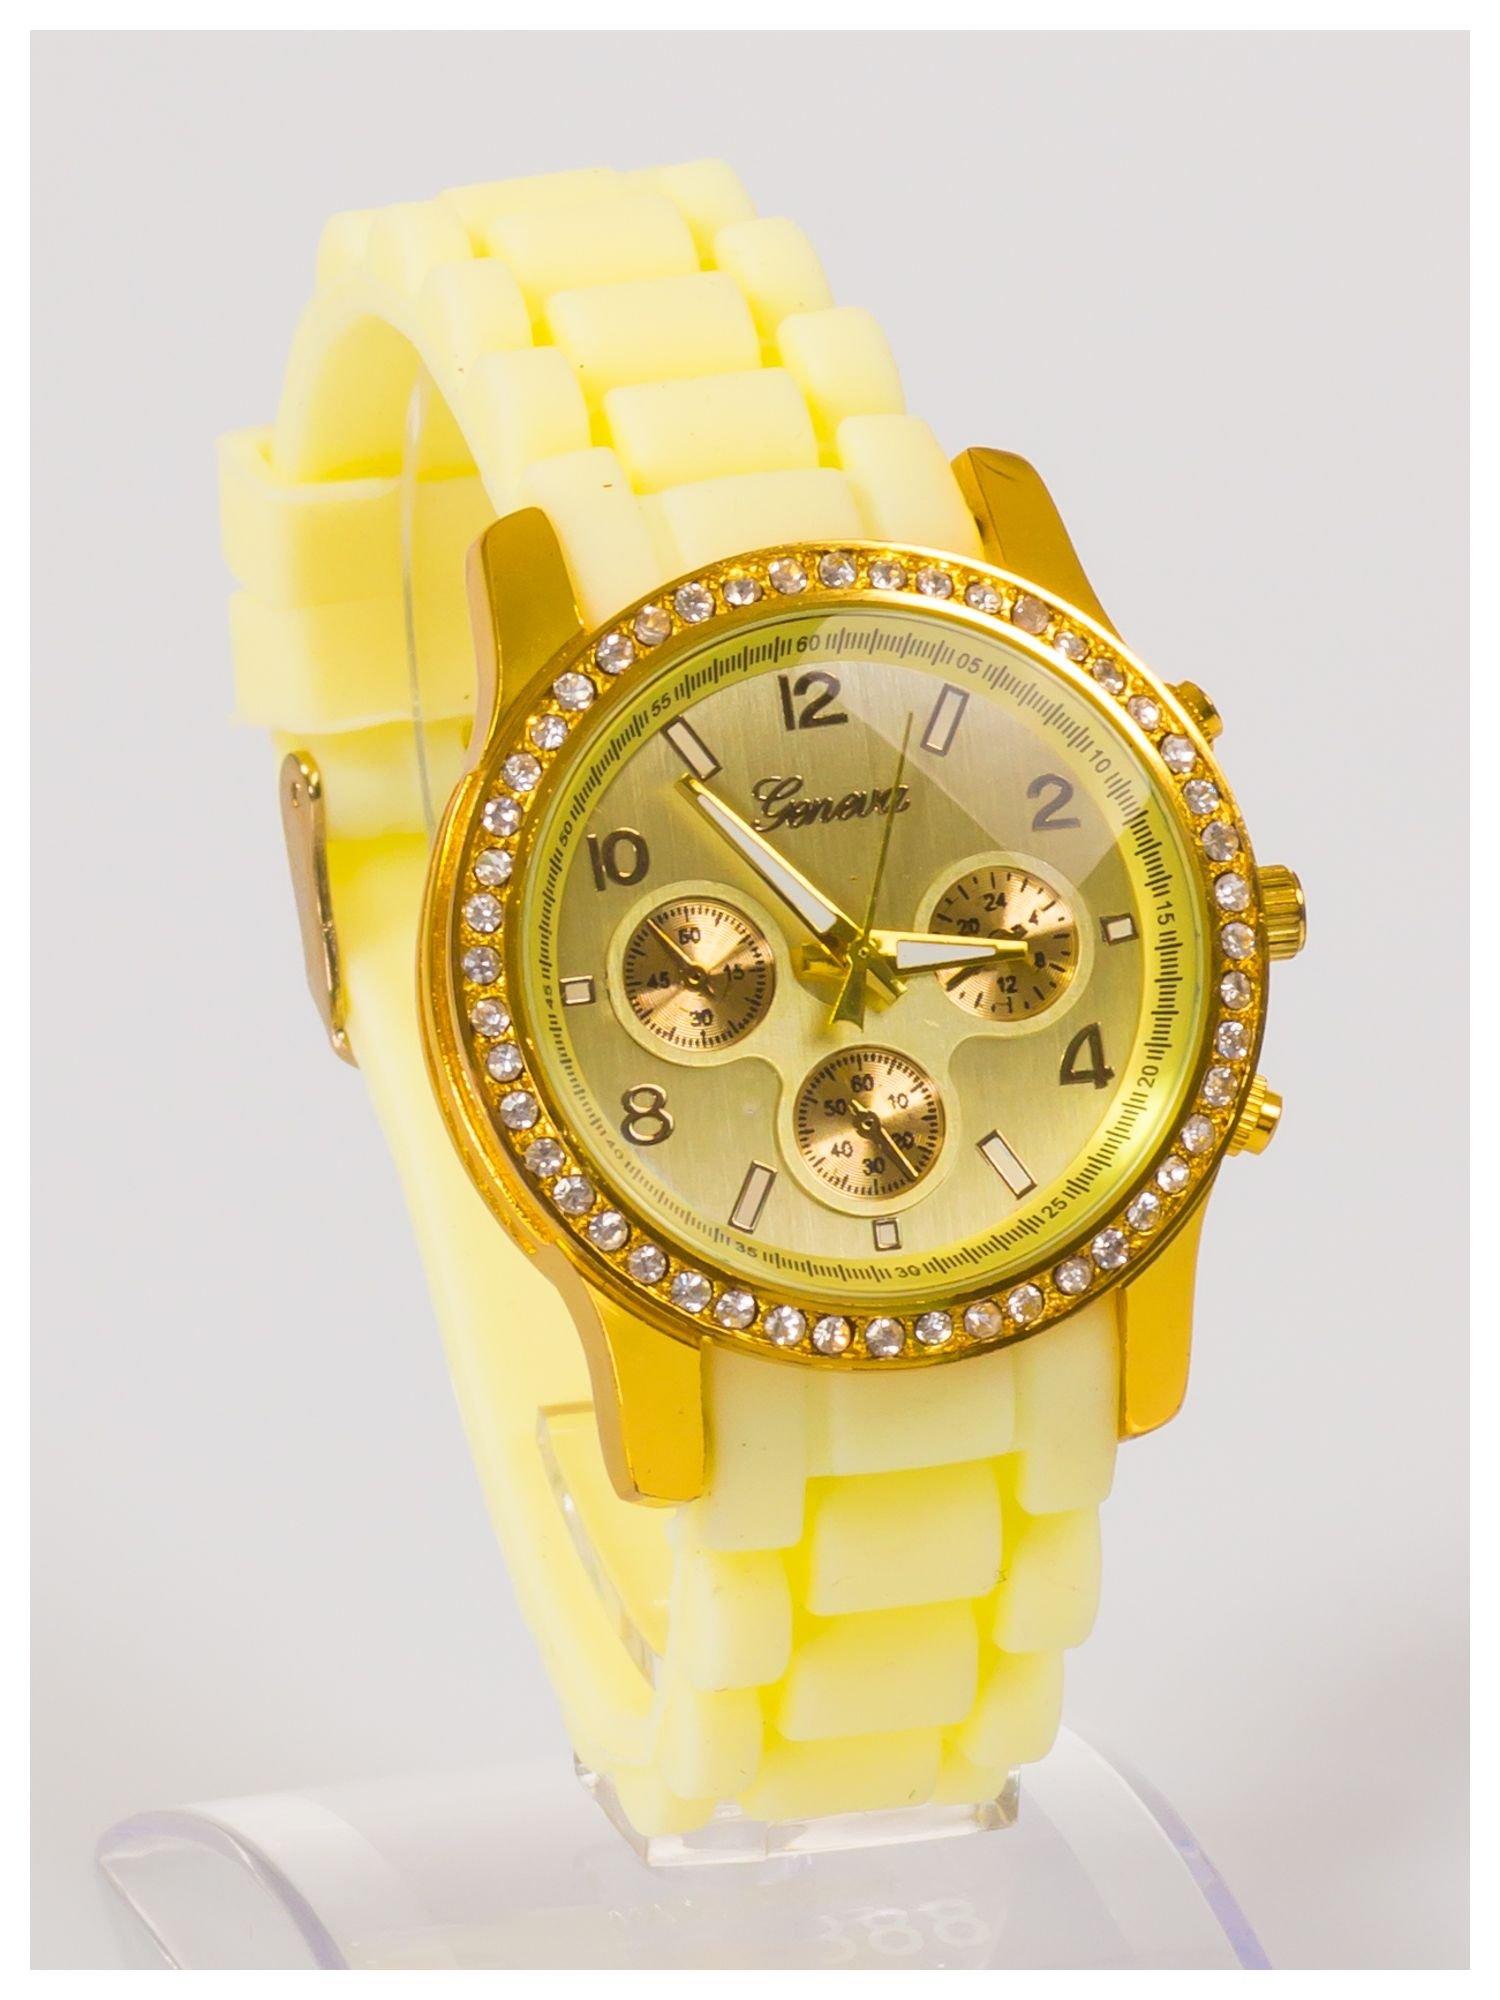 Damski zegarek z cyrkoniami i ozdobnym chronografem na wygodnym silikonowym pasku                                  zdj.                                  2